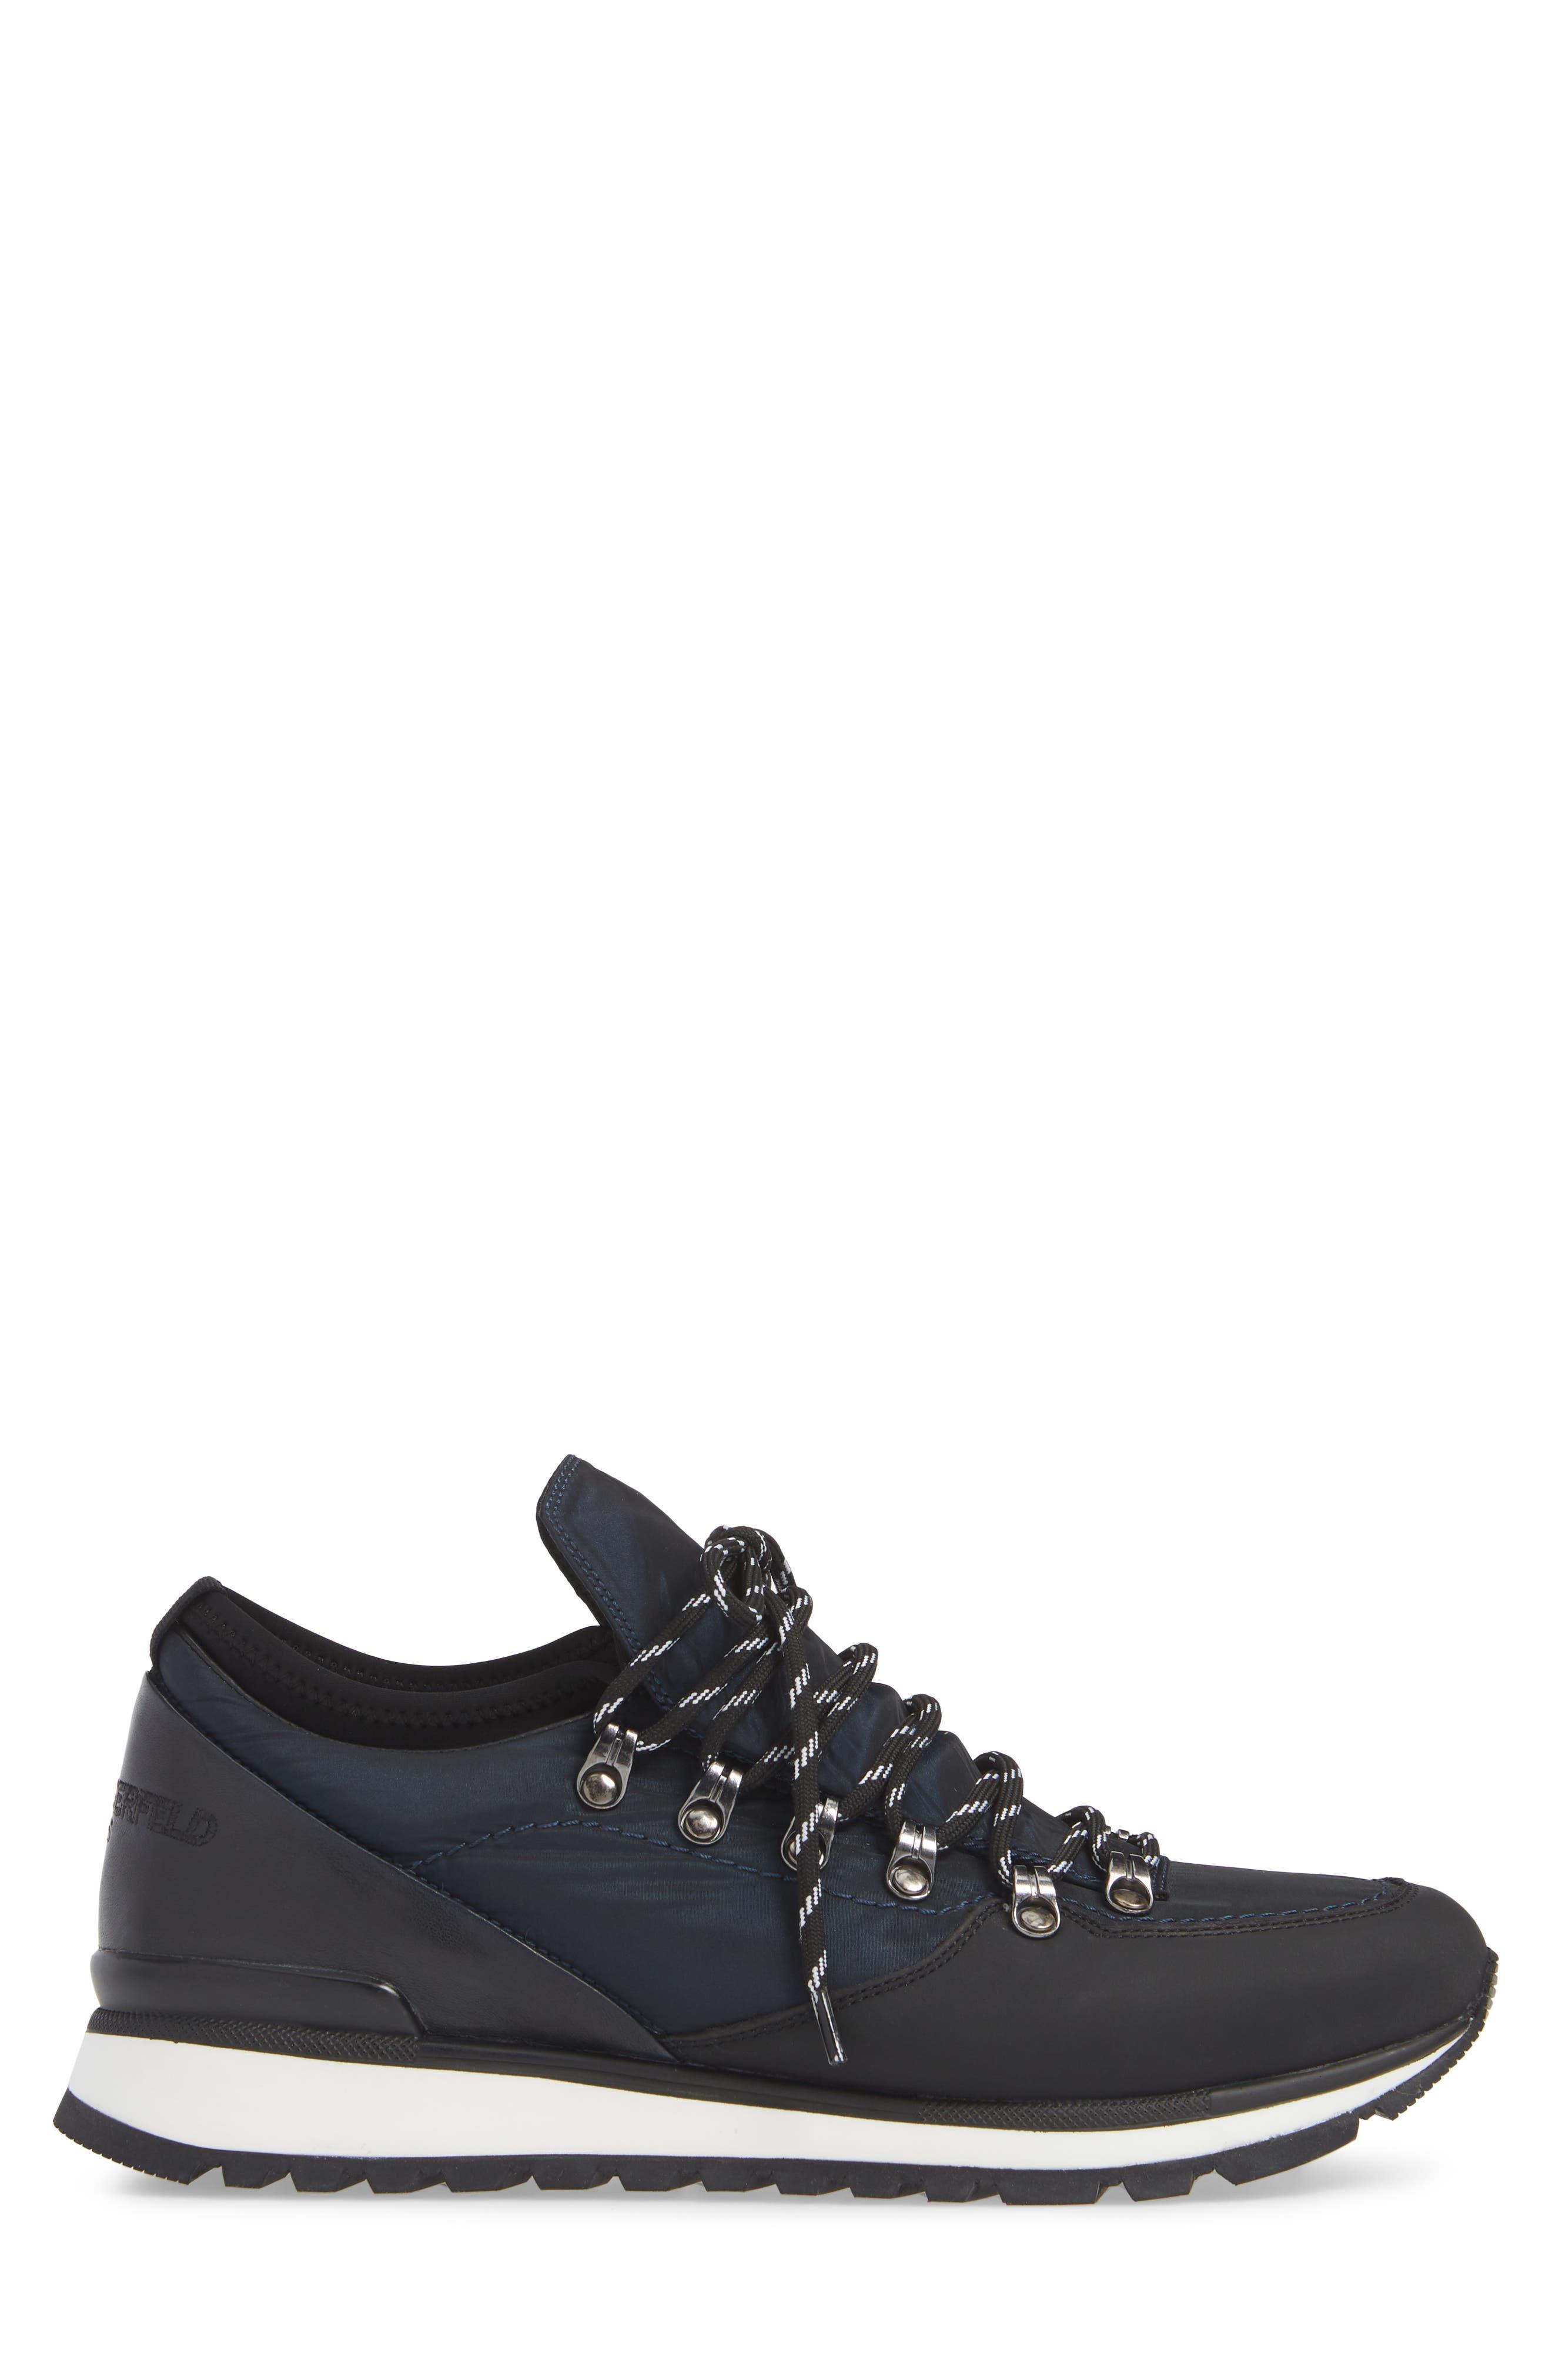 Low Top Hiker Sneaker,                             Alternate thumbnail 3, color,                             410